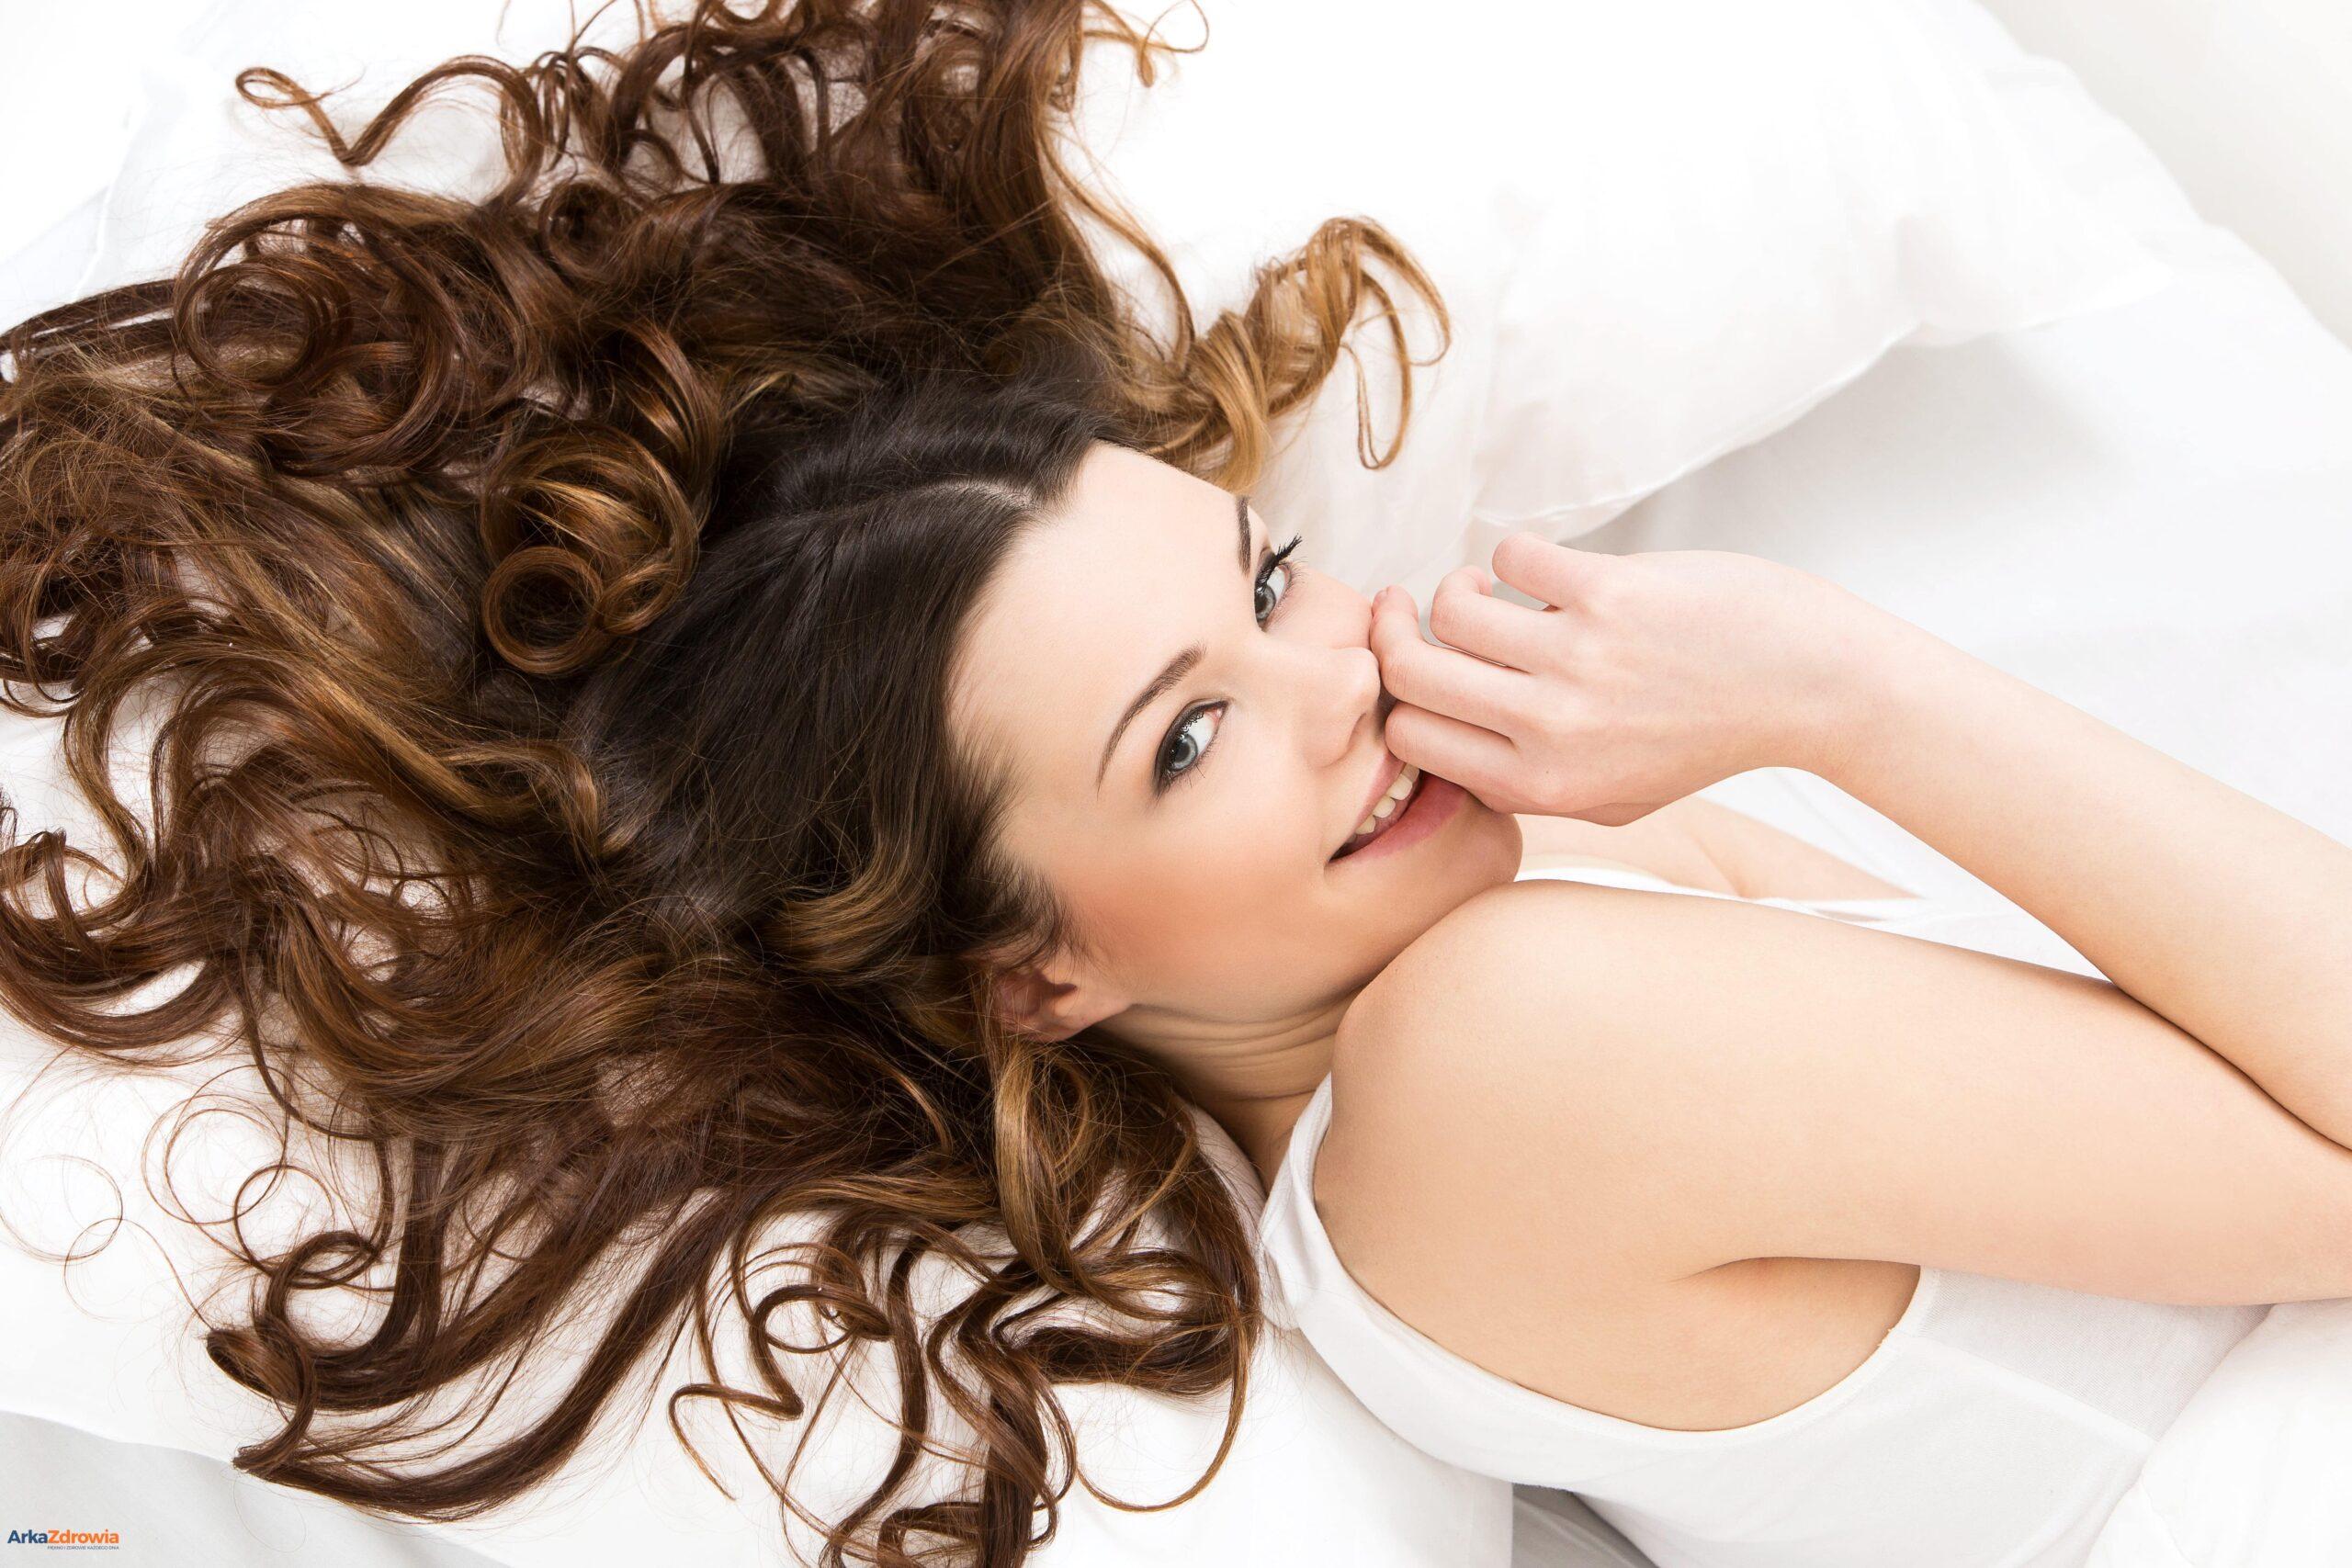 Uśmiechnięta młoda kobieta leżąca w łóżku - kwas hialuronowy dla zdrowia i urody